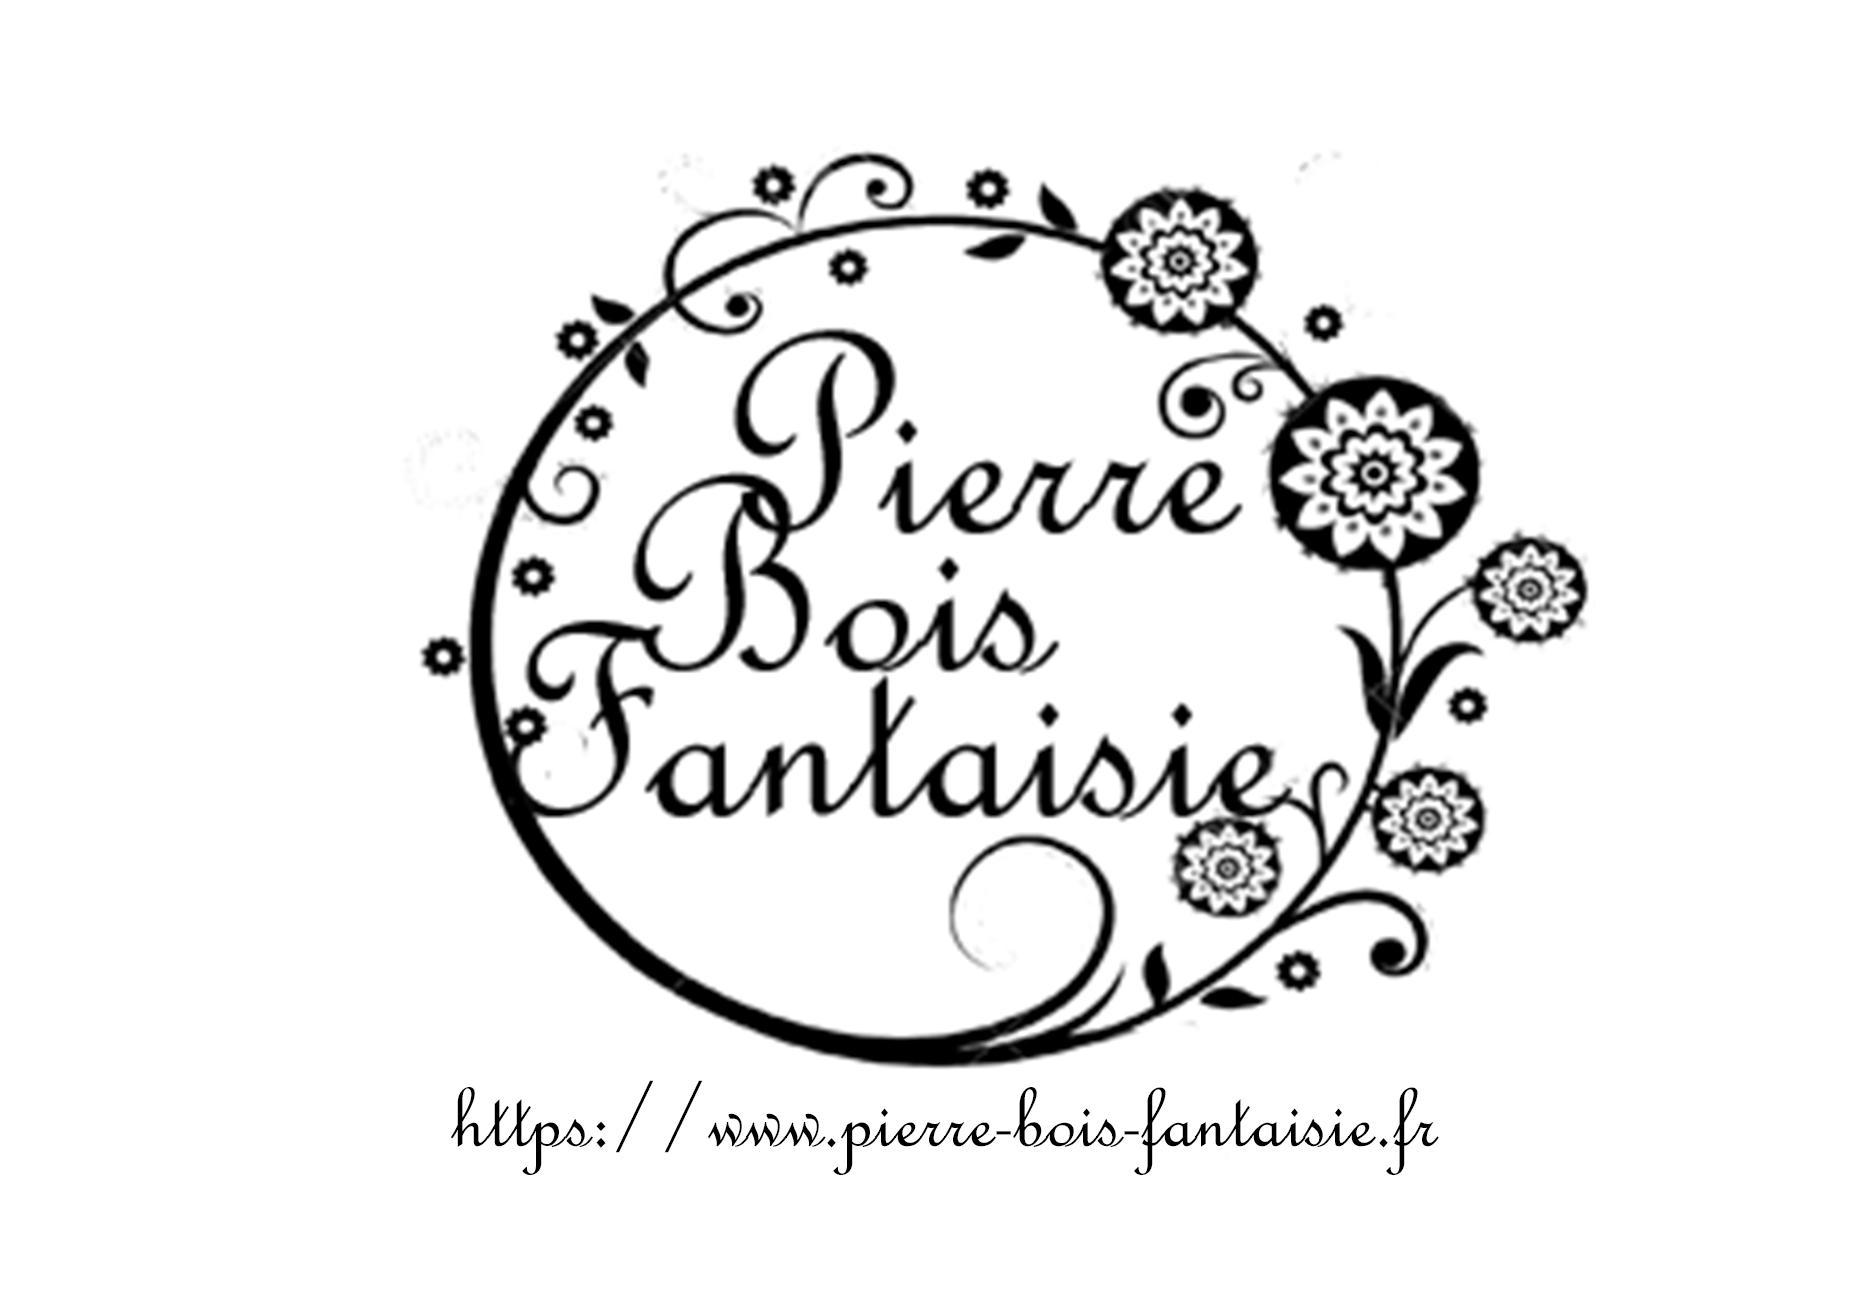 Pierre bois fantaisie - Les créations de Gaëlle - L'Escale des Créateurs